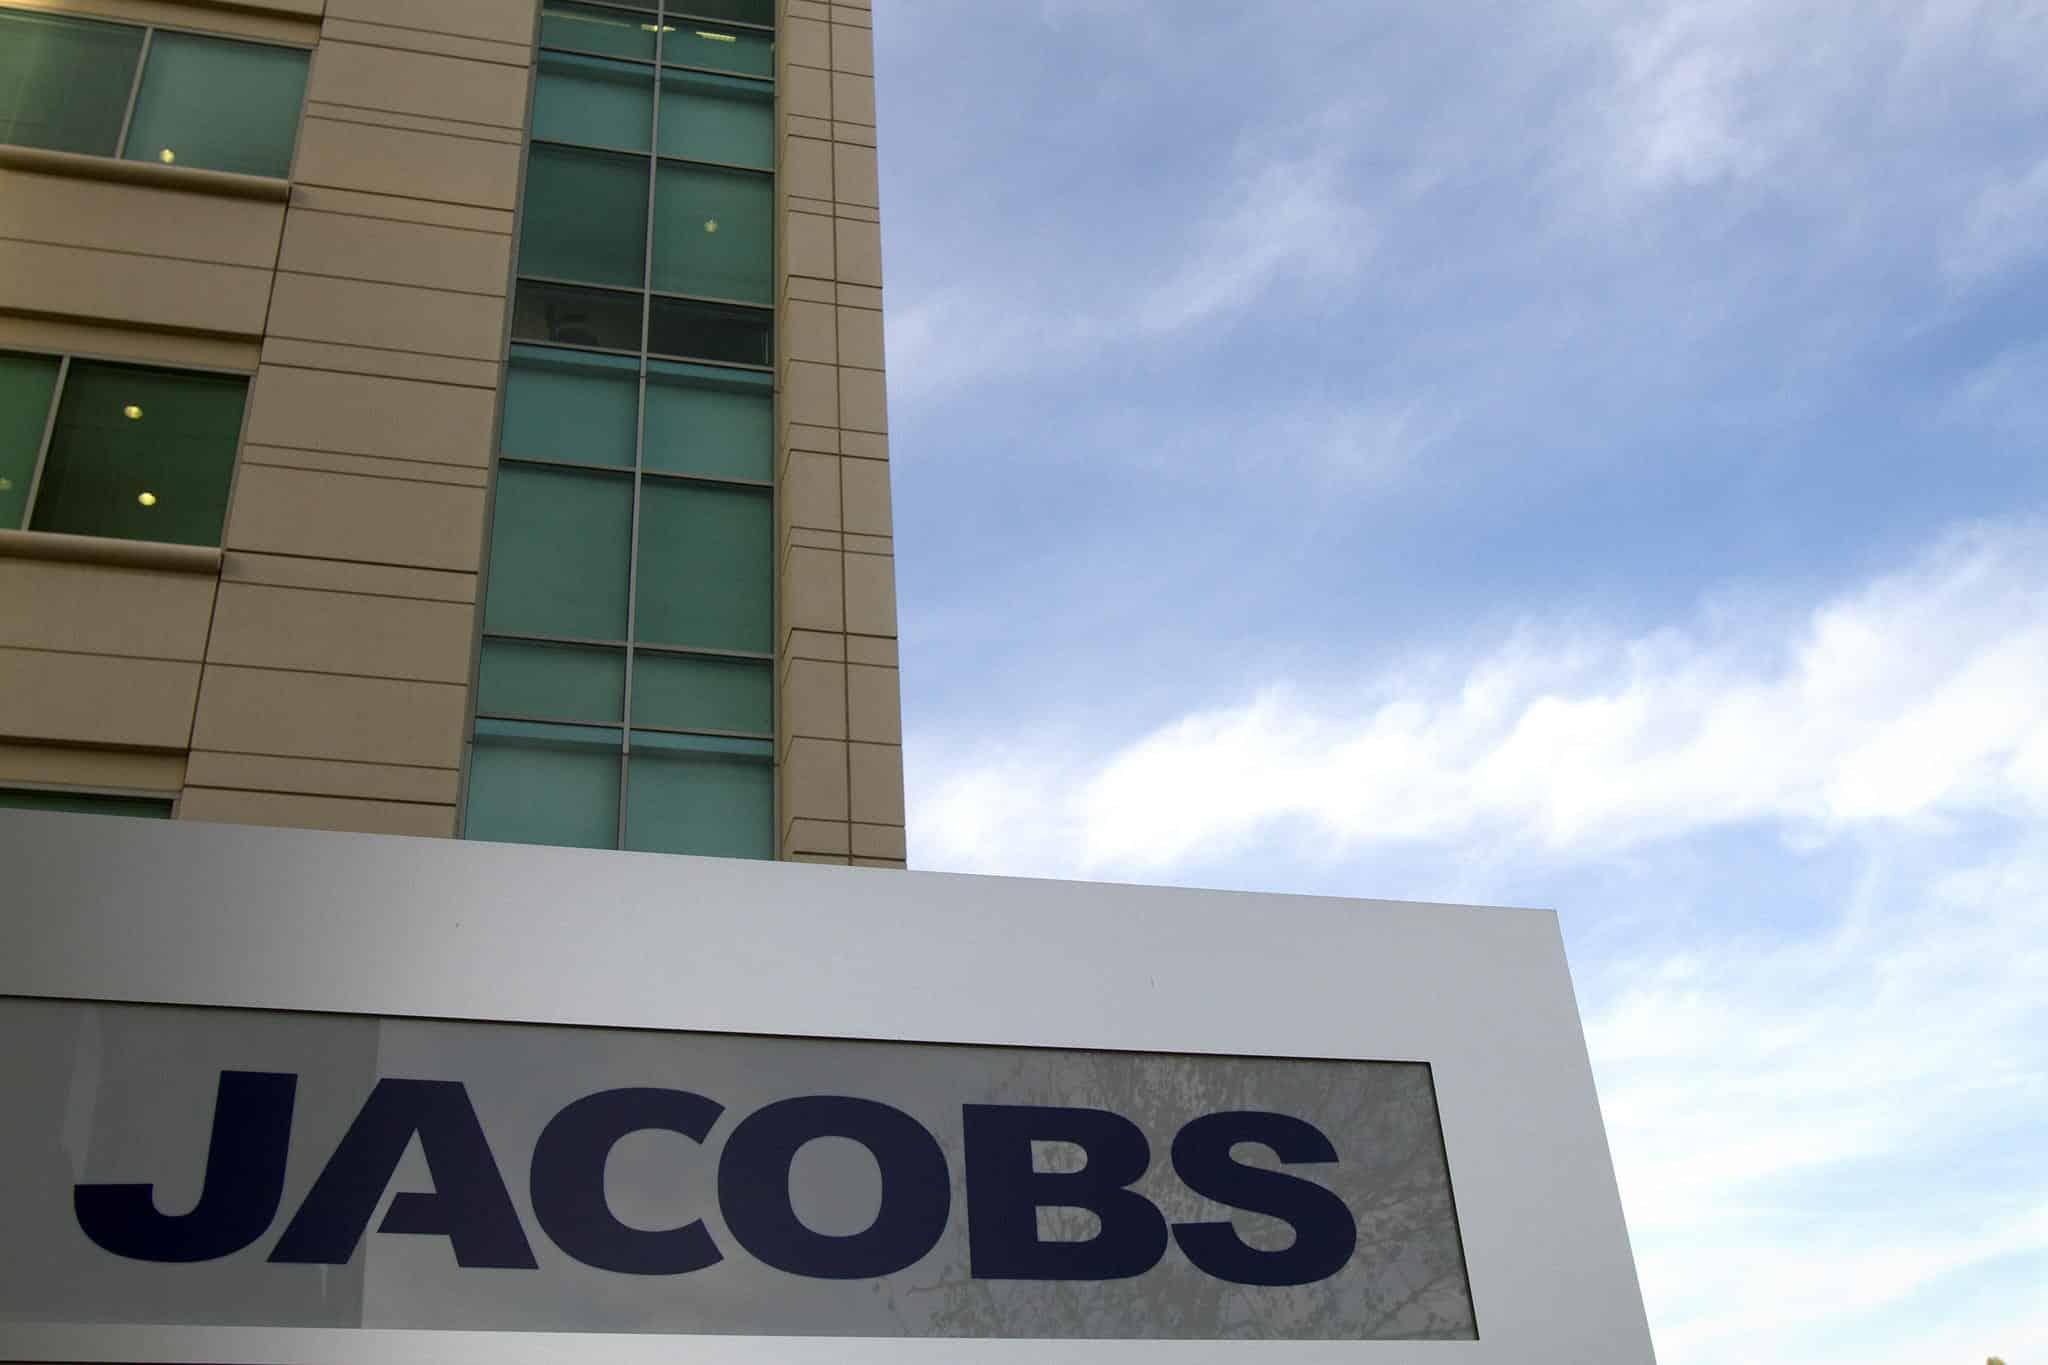 Jacobs EngineeringEmploi et Recrutement au Maroc 2021